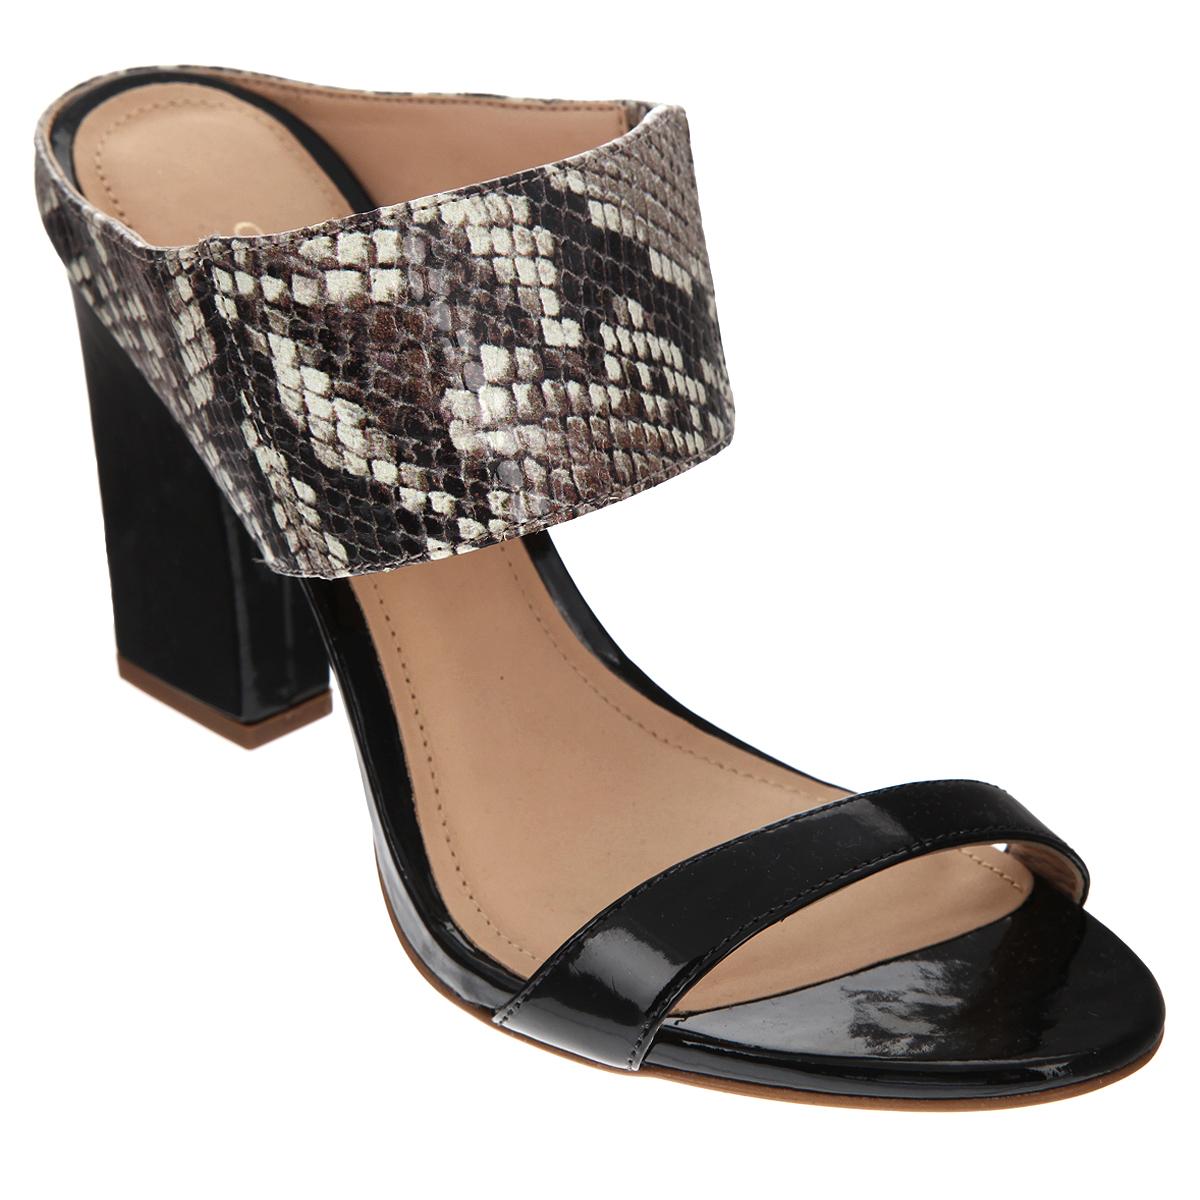 152194Стильные сабо от Cristofoli - незаменимая вещь в гардеробе каждой женщины. Модель выполнена из натуральной высококачественной кожи. Верхний ремешок стилизован под чешую змеи и дополнен резинкой, обеспечивающей идеальную посадку обуви на ноге. Мягкая стелька и подкладка из натуральной кожи обеспечивают комфорт при ходьбе. Ультравысокий каблук компенсирован платформой. Подошва - с противоскользящим рифлением. Изысканные сабо прекрасно дополнят ваш женственный образ.